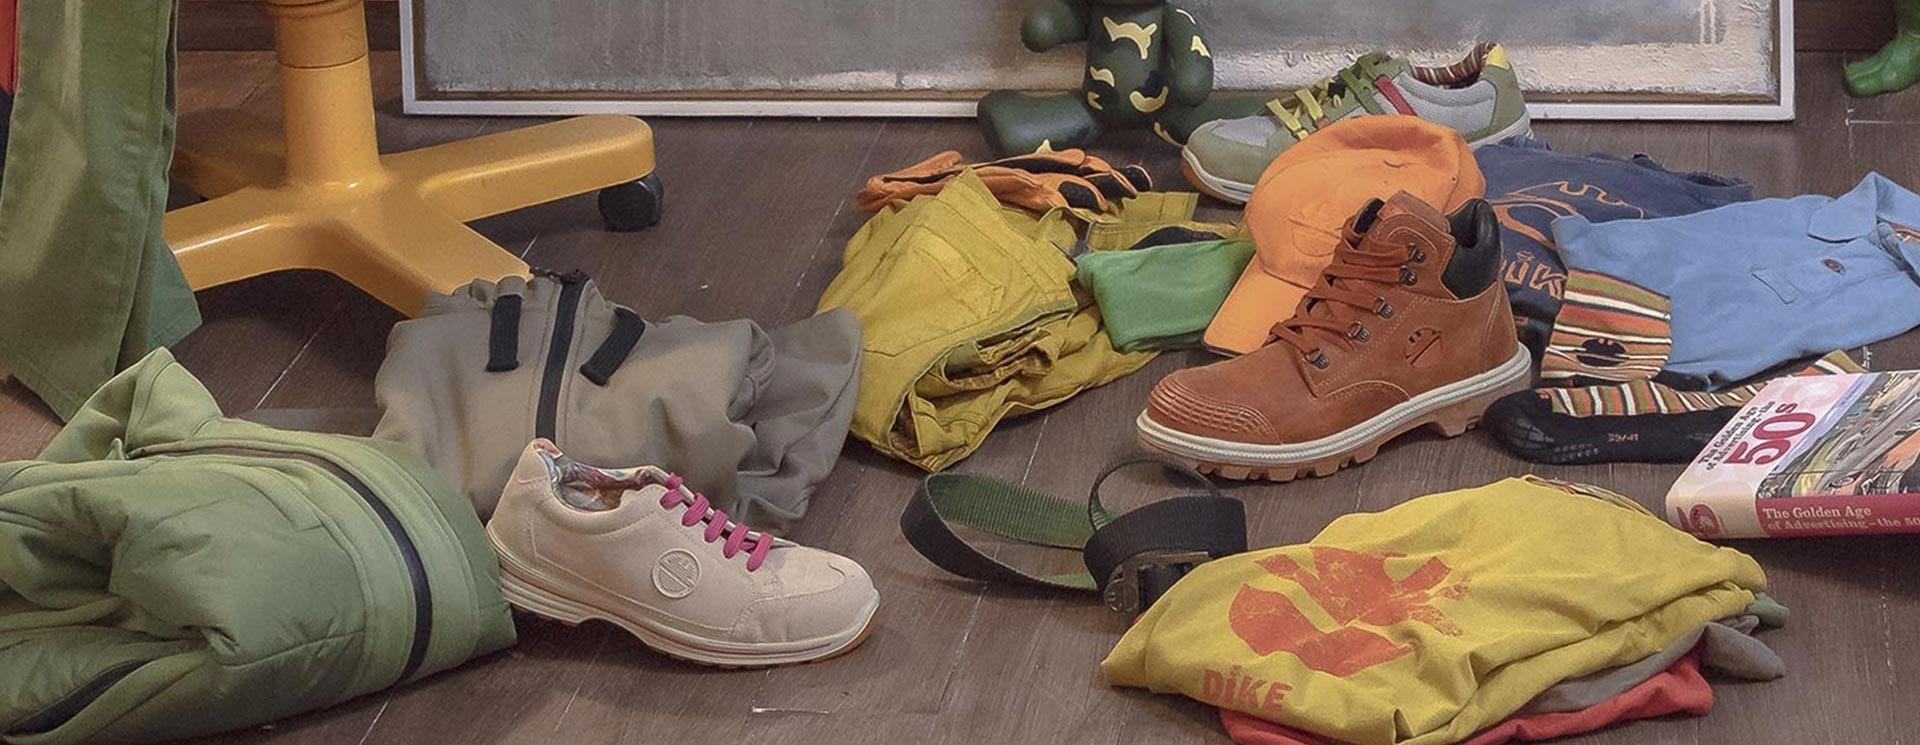 Abbigliamento da lavoro, Indumenti da lavoro | Dike